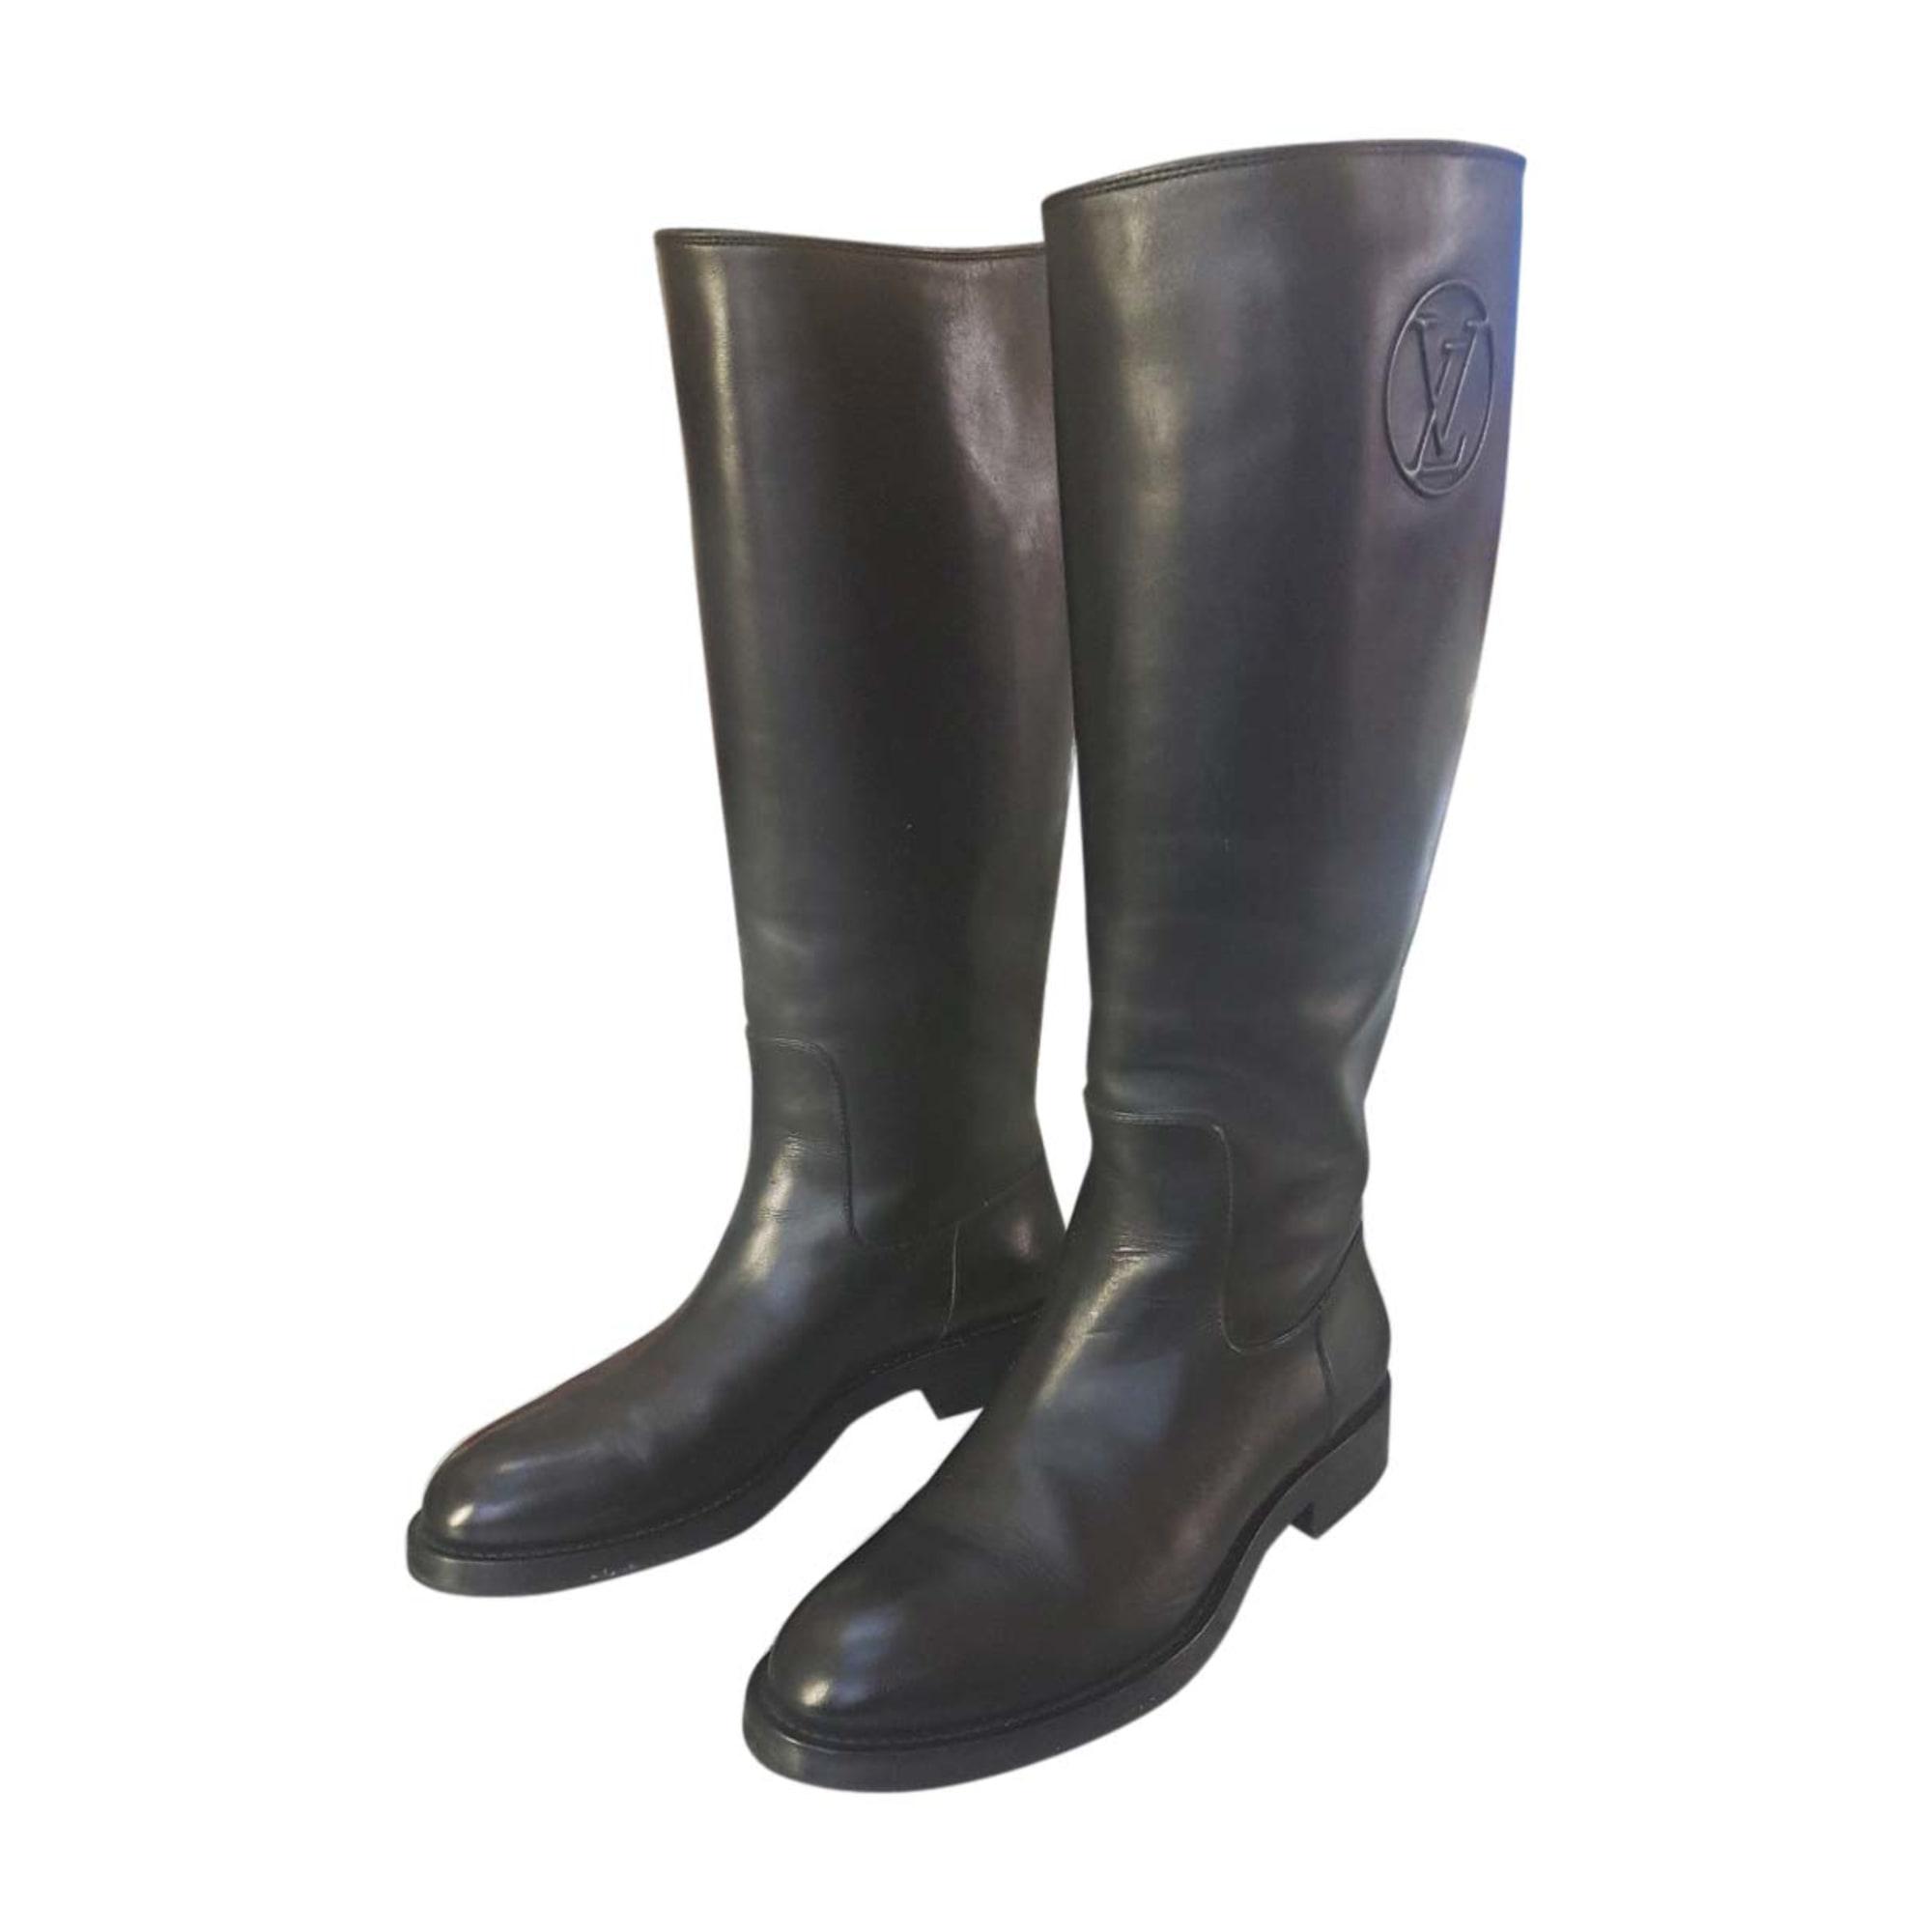 Bottes cavalières LOUIS VUITTON 41 noir - 7424392 257341b1de0